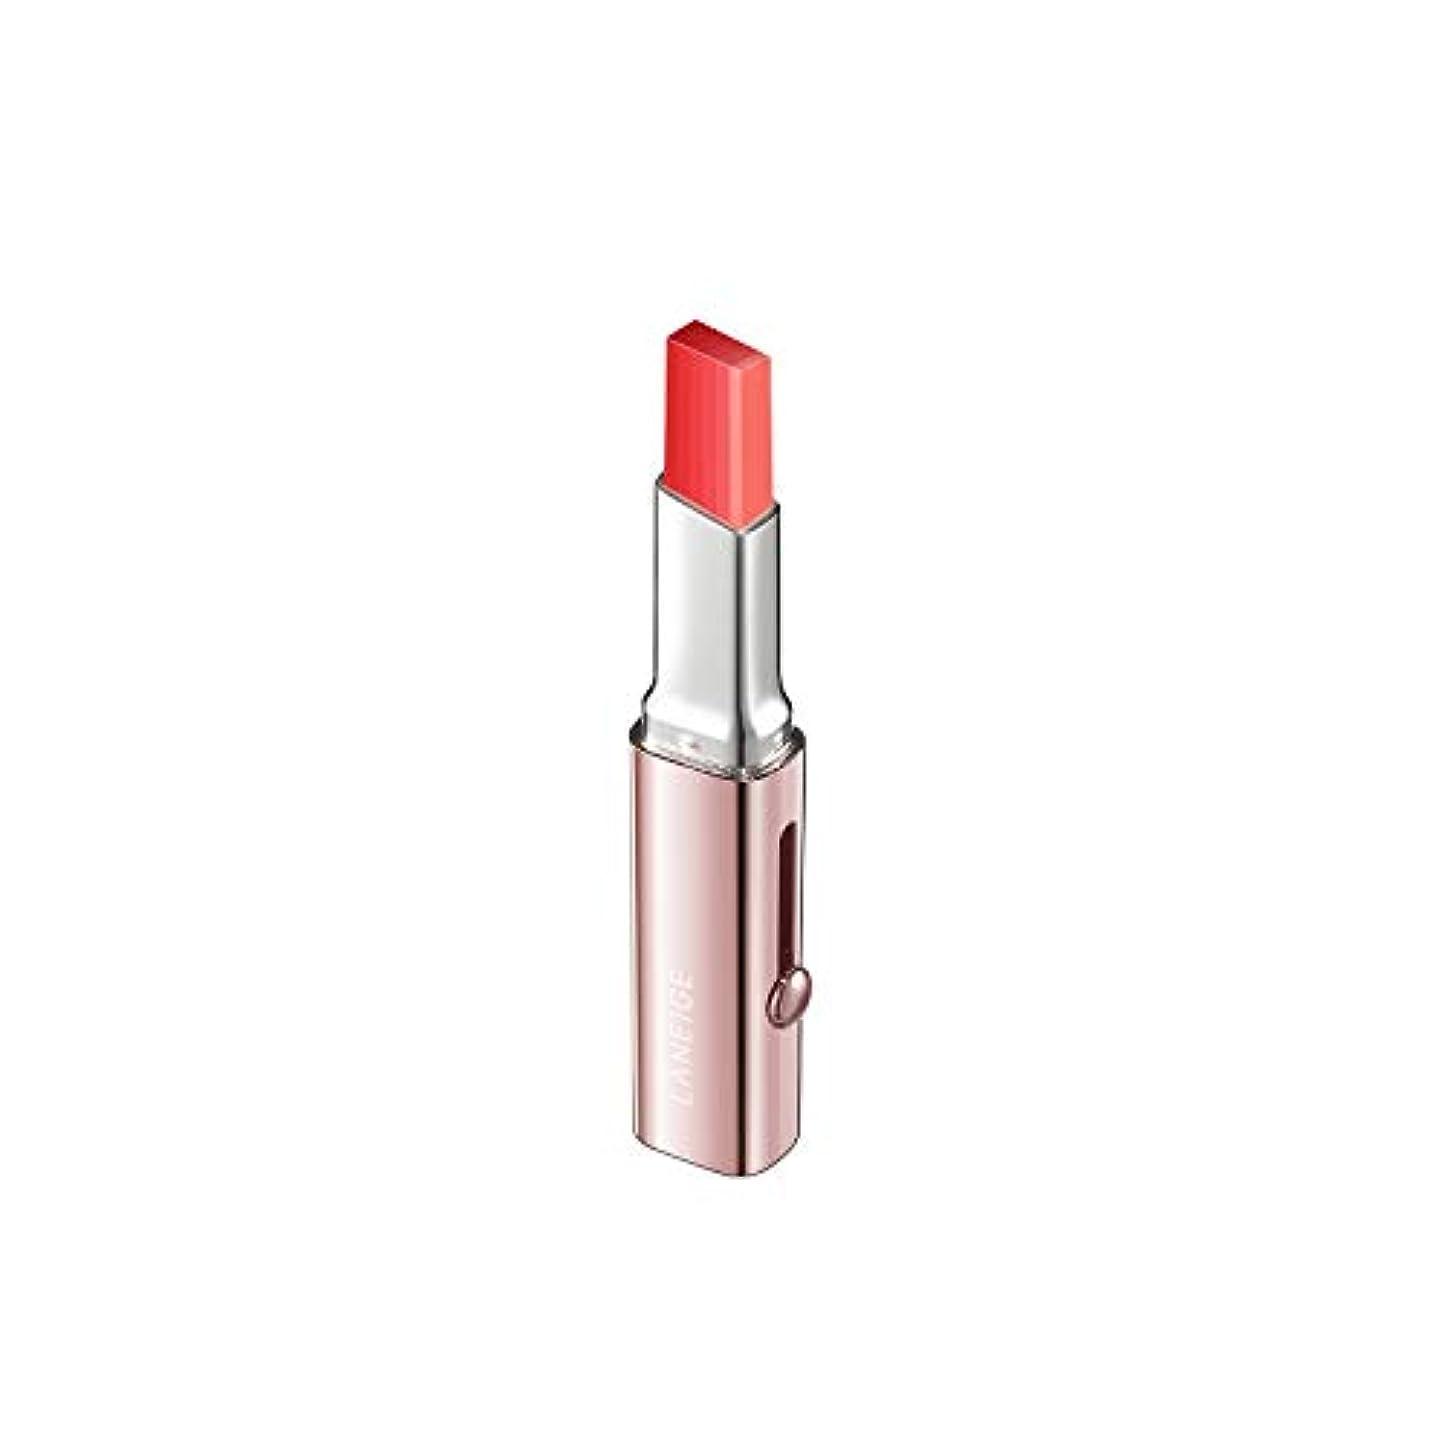 お祝い傾向があるにんじん【ラネージュ】階層リップバー(1.9G)/ Layering Lip Bar-6つのカラーでのグラデーションカラー演出 (#5 WITTY CORAL)